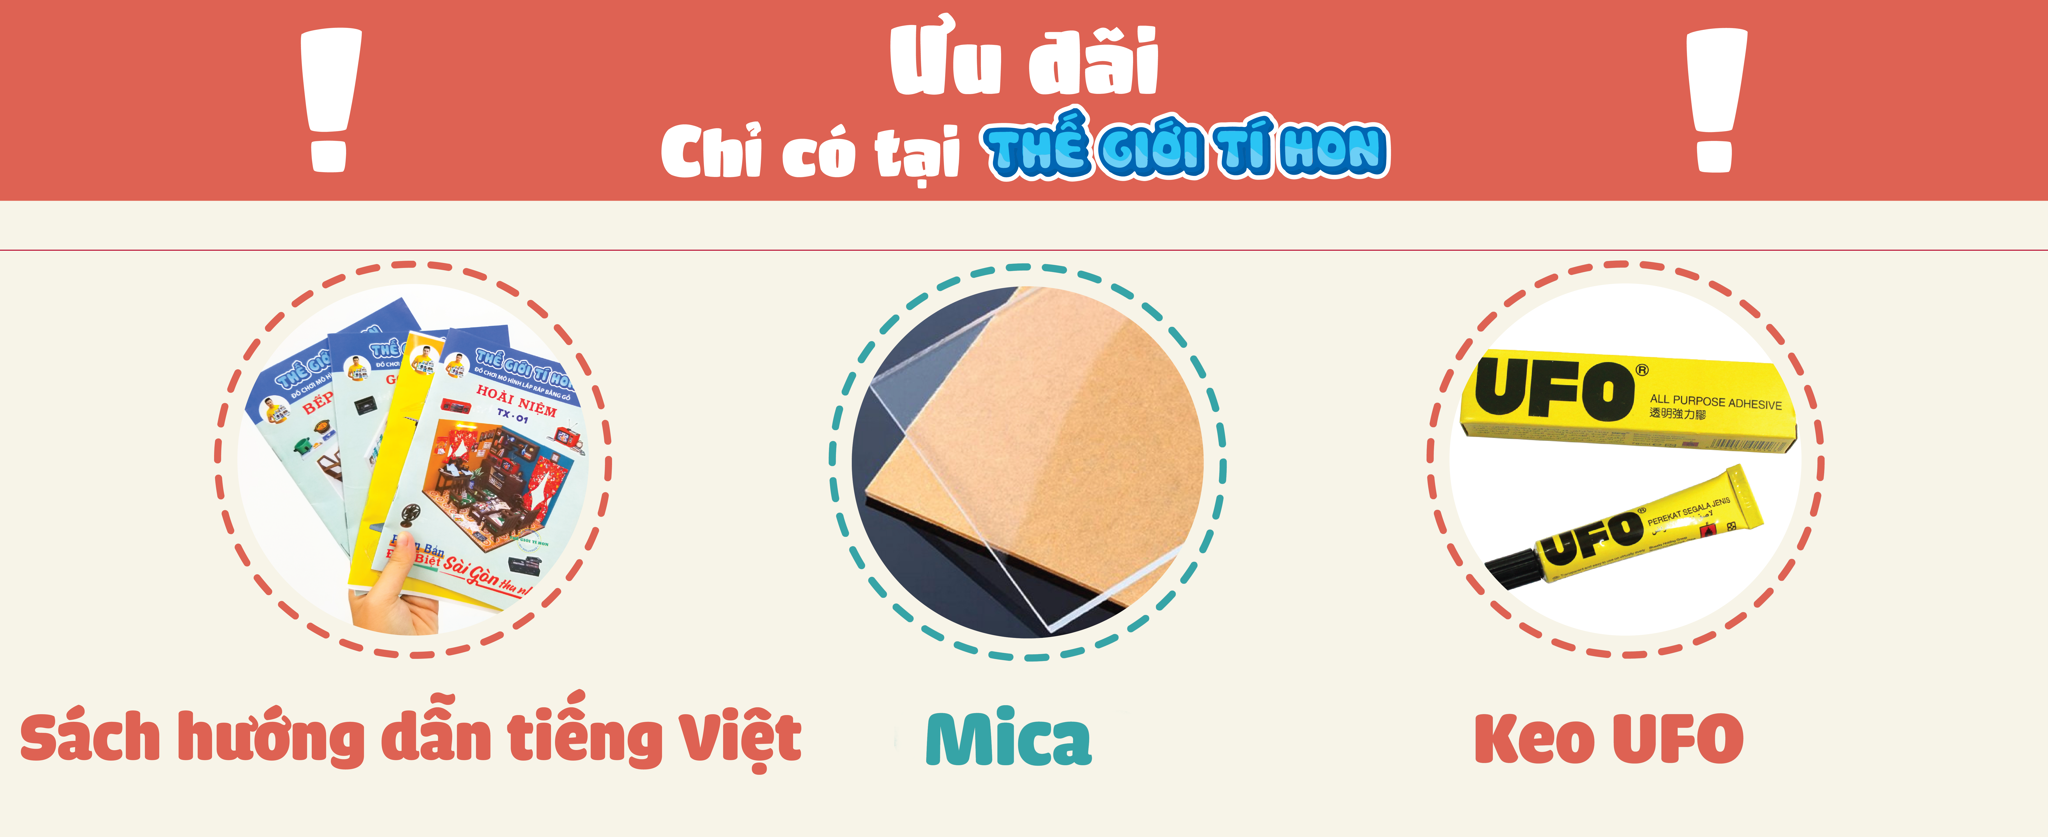 ☘ ĐƯỢC TẶNG KÈM:  ****MICA CHE BỤI CAO CẤP (TRỊ GIÁ 70K): Mica được nhập từ Đài Loan với chất lượng cao, dày, không ố vàng khi sử dụng bảo quản lâu dài, được cắt khớp chính xác, bạn không cần phải dùng keo dán làm ố lớp mica!  ****KEO DÁN GỖ CHUYÊN DỤNG UFO 7ML (TRỊ GIÁ 15K): Keo UFO là loại keo dán gỗ tốt nhất, độ bám dính cao, thích hợp để dán tất cả các chi tiết có trong mô hình. Bên cạnh đó, với thời gian keo khô không quá nhanh, giúp bạn có thể kịp thời sửa chữa các chi tiết nếu lắp sai!   ☘ Sách hướng dẫn chụp hình cụ thể từng bước cách lắp ráp, lấy thang điểm 10 đánh giá độ khó thì mẫu này ở cấp độ 5/10 cực kỳ thích hợp cho cả người mới bắt đầu!  ☘ Hỗ trợ in hình chibi miễn phí, giúp bạn bước chân vào thế giới tuổi thơ cùng với chú mèo máy Doraemon và anh chàng Nobita hậu đậu  !!QUÀ TẶNG KÈM CÓ HẠN!!   ‼️ MUA NGAY BÂY GIỜ VÌ SỐ LƯỢNG SX KO NHIỀU ĐỂ ĐẢM BẢO CHẤT LƯỢNG SP